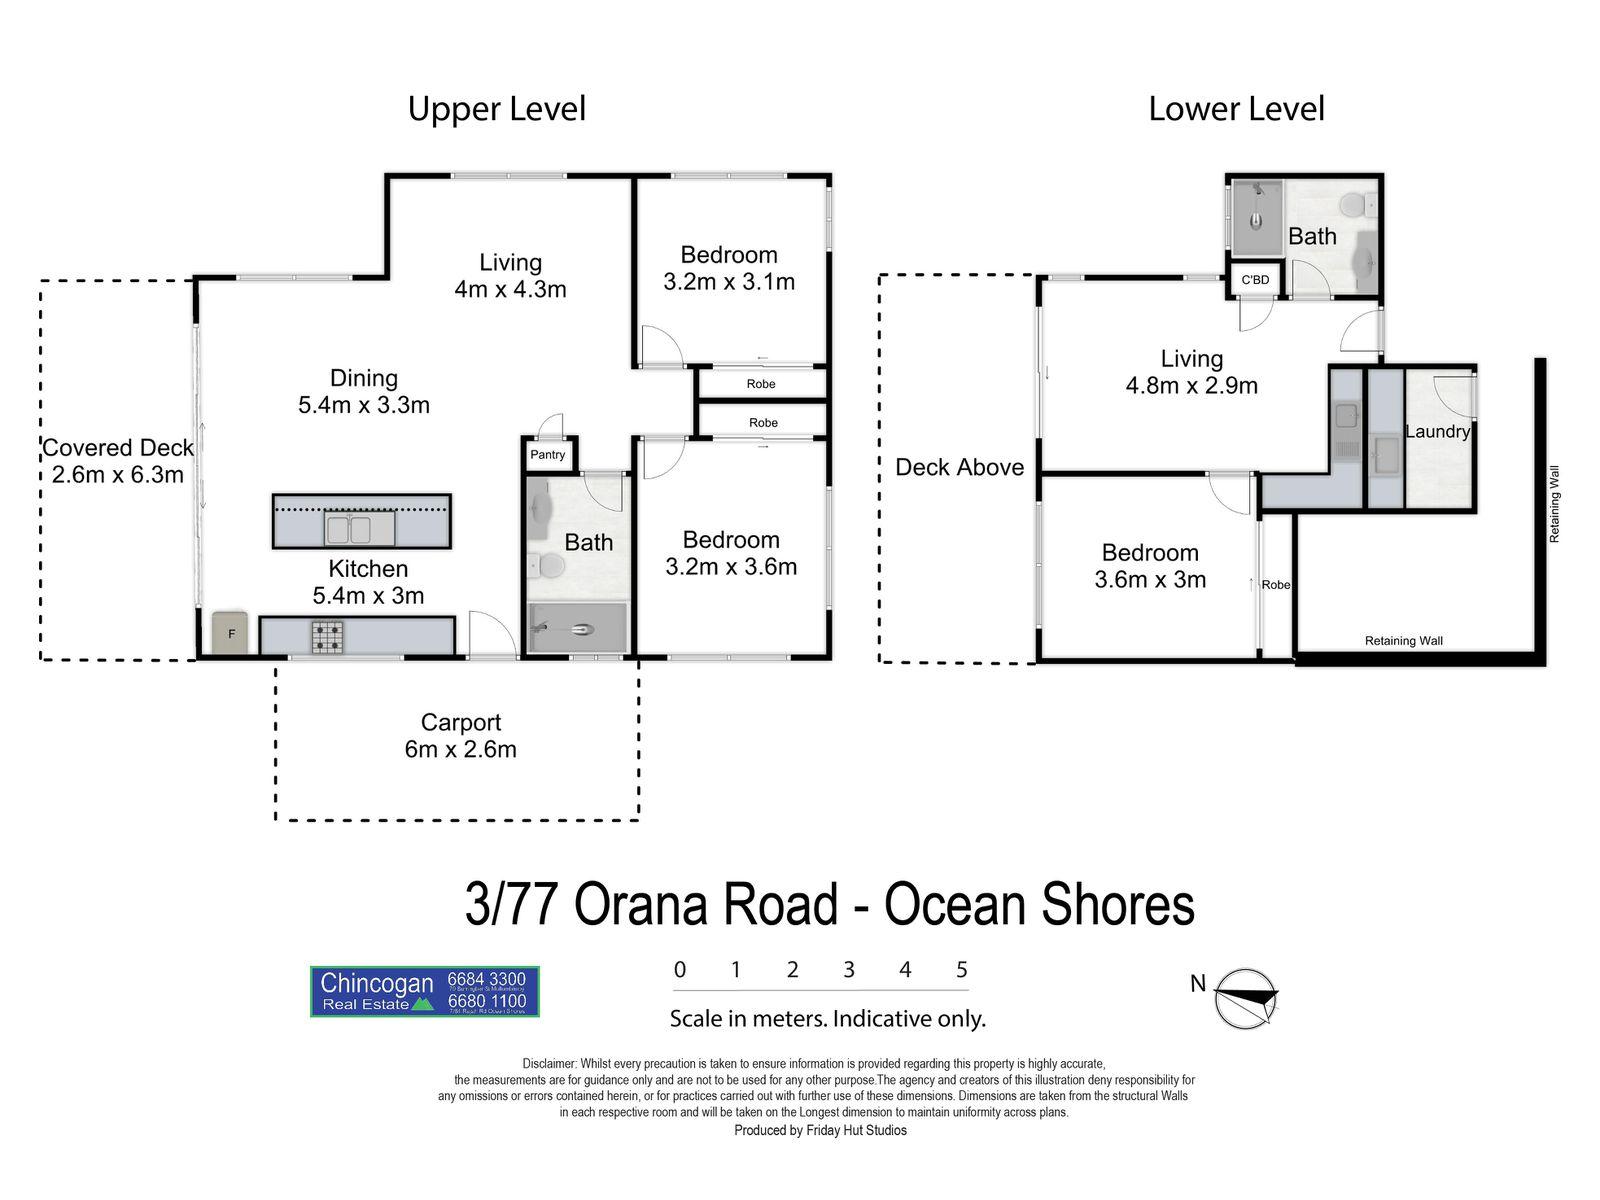 3 / 77 Orana Road, Ocean Shores